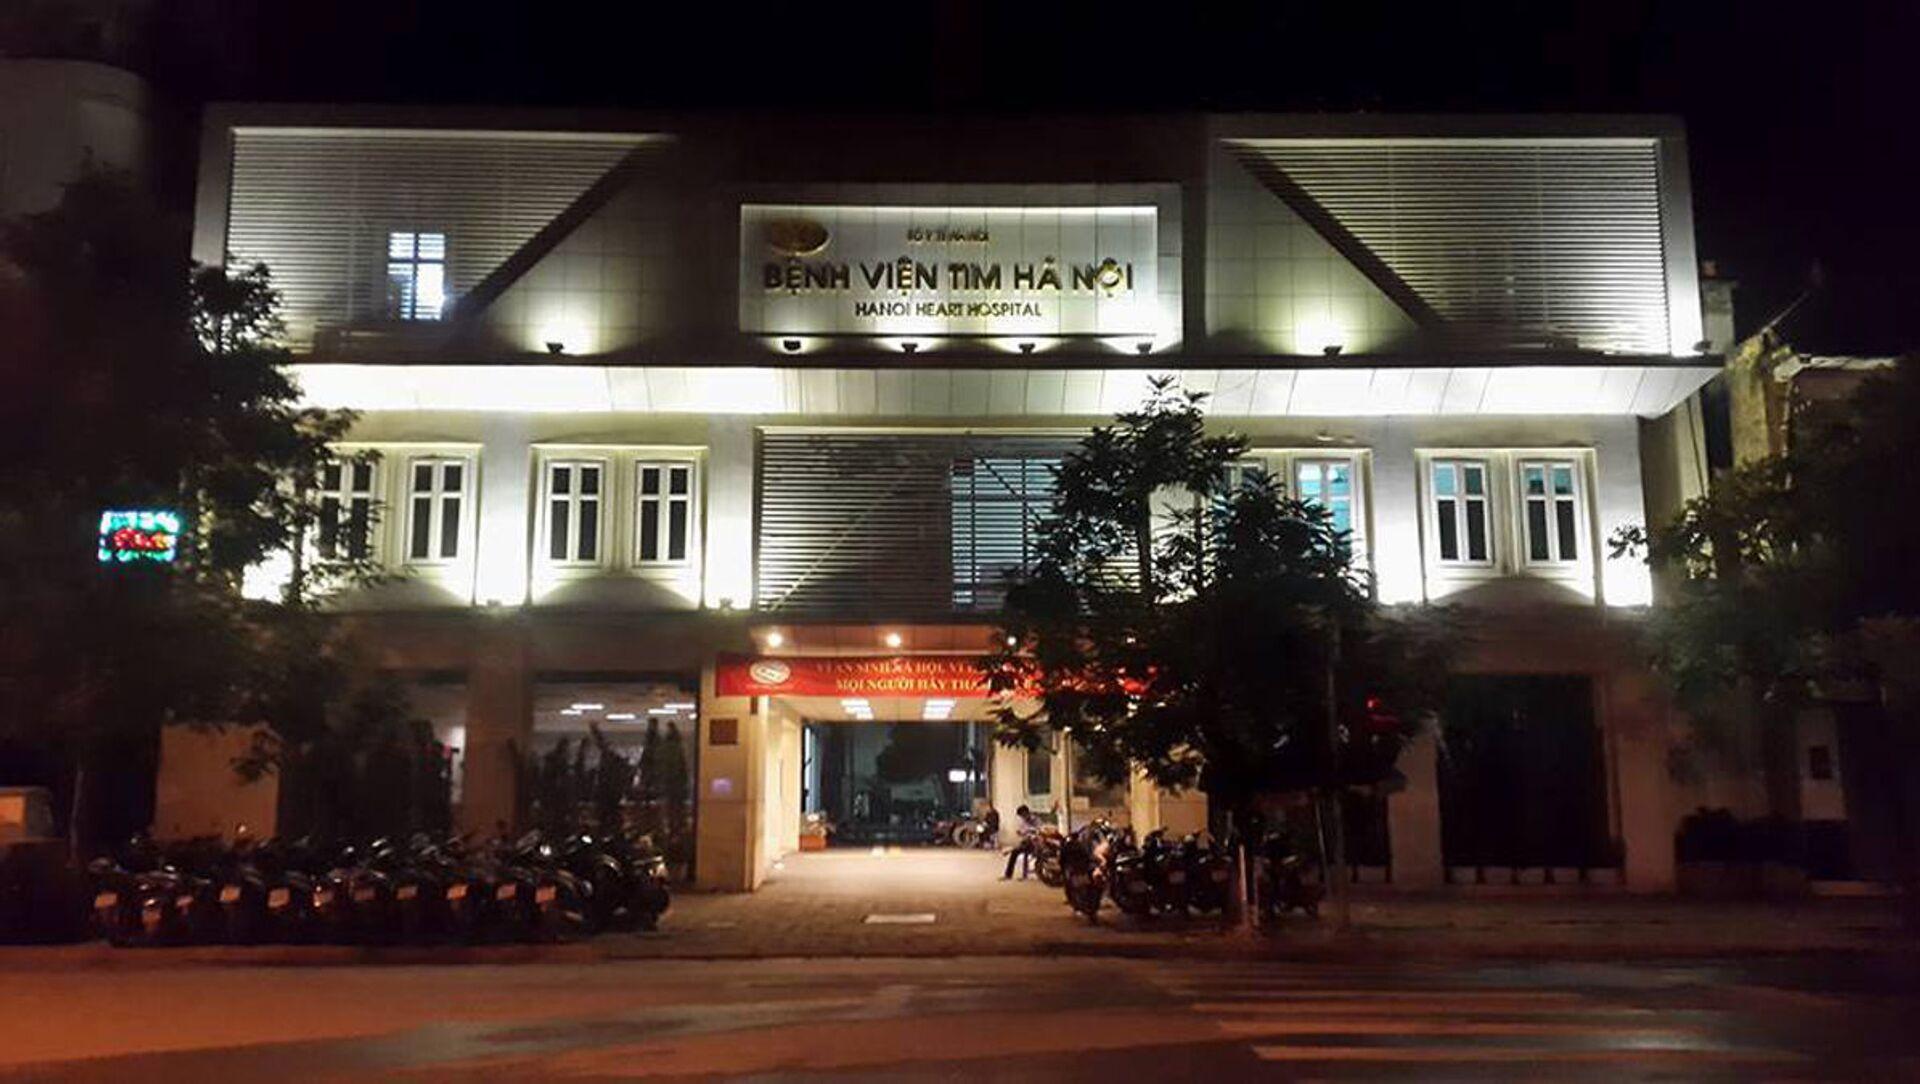 Bệnh Viện Tim Hà Nội. - Sputnik Việt Nam, 1920, 30.07.2021